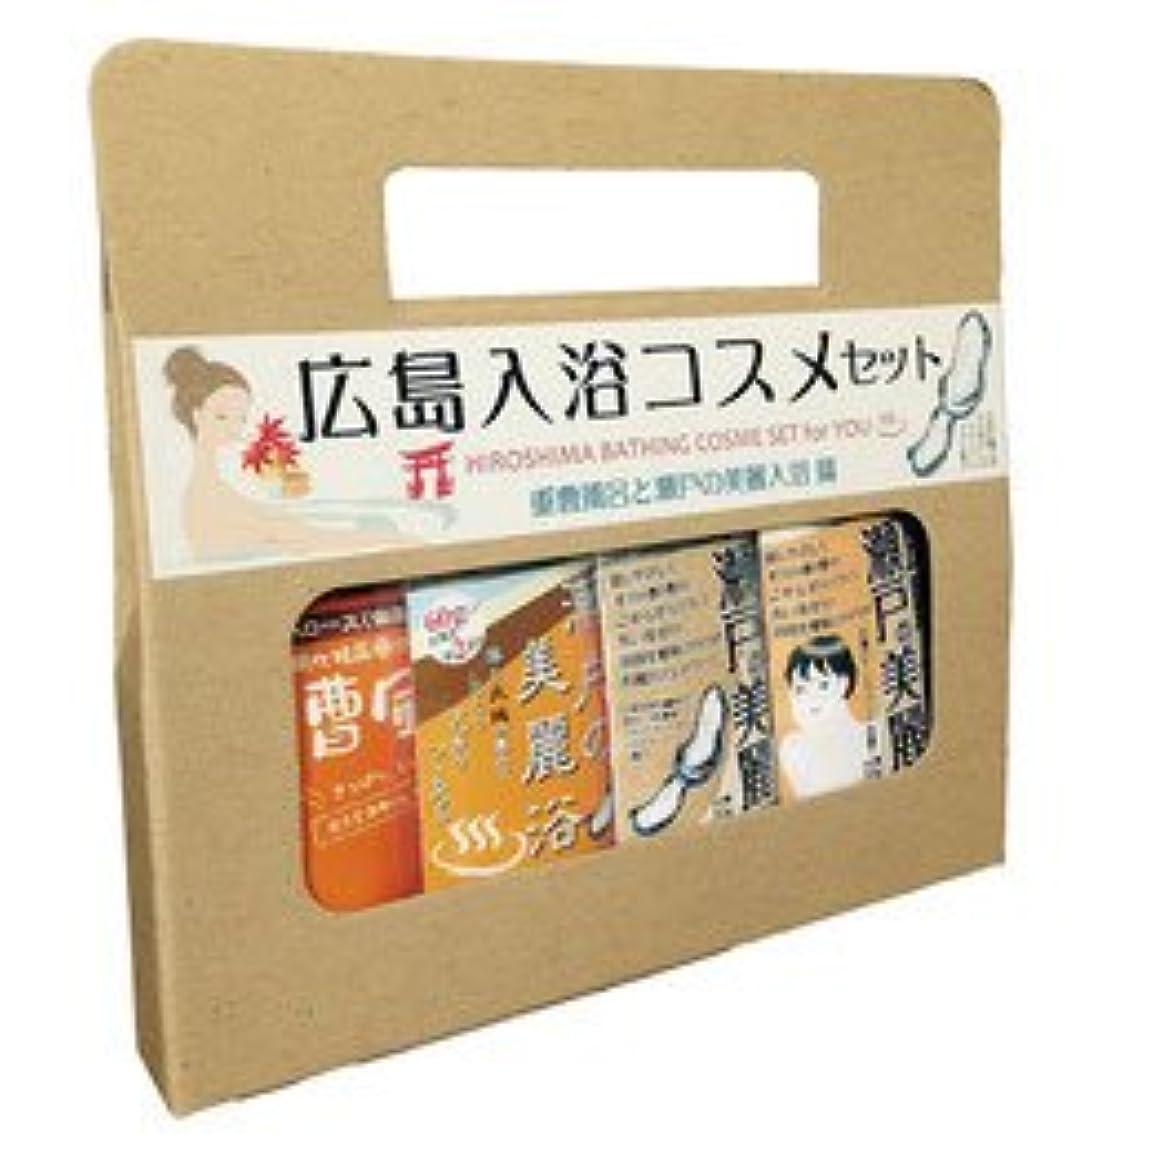 かび臭い醸造所トライアスロン広島入浴??????重曹美麗4袋入 #767026【石井五商店】